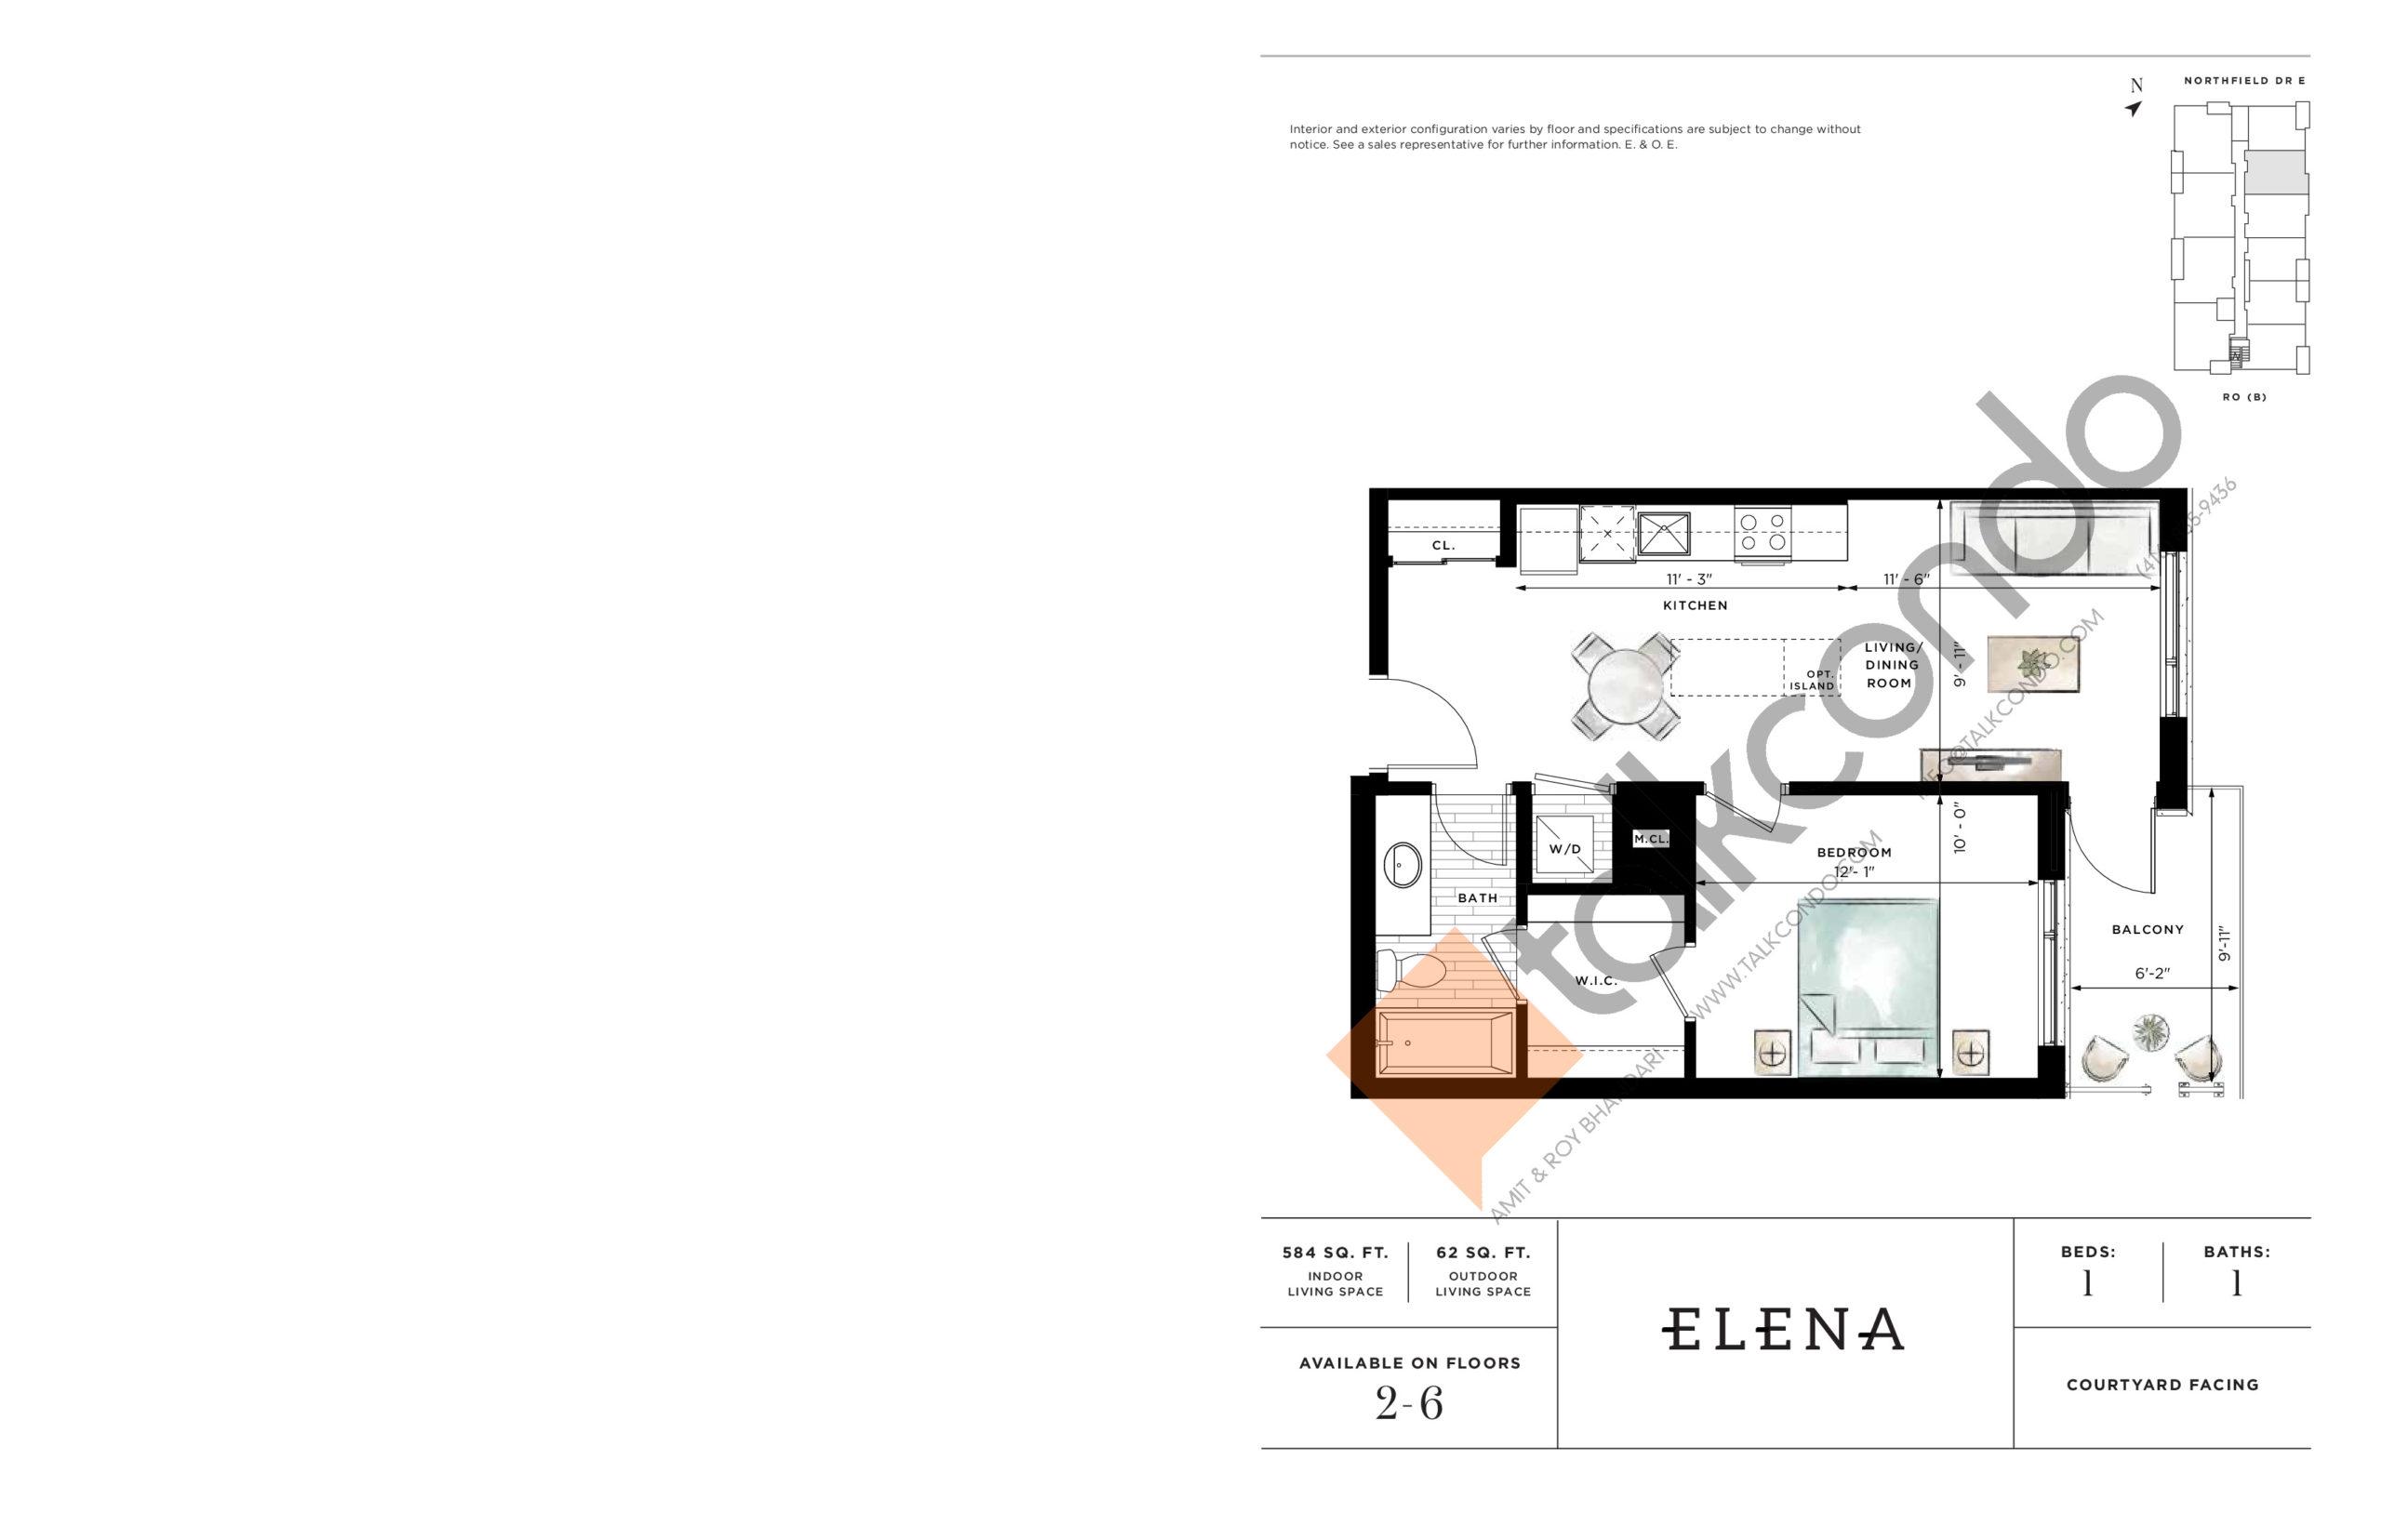 Elena Floor Plan at Ro at Blackstone Condos - 584 sq.ft